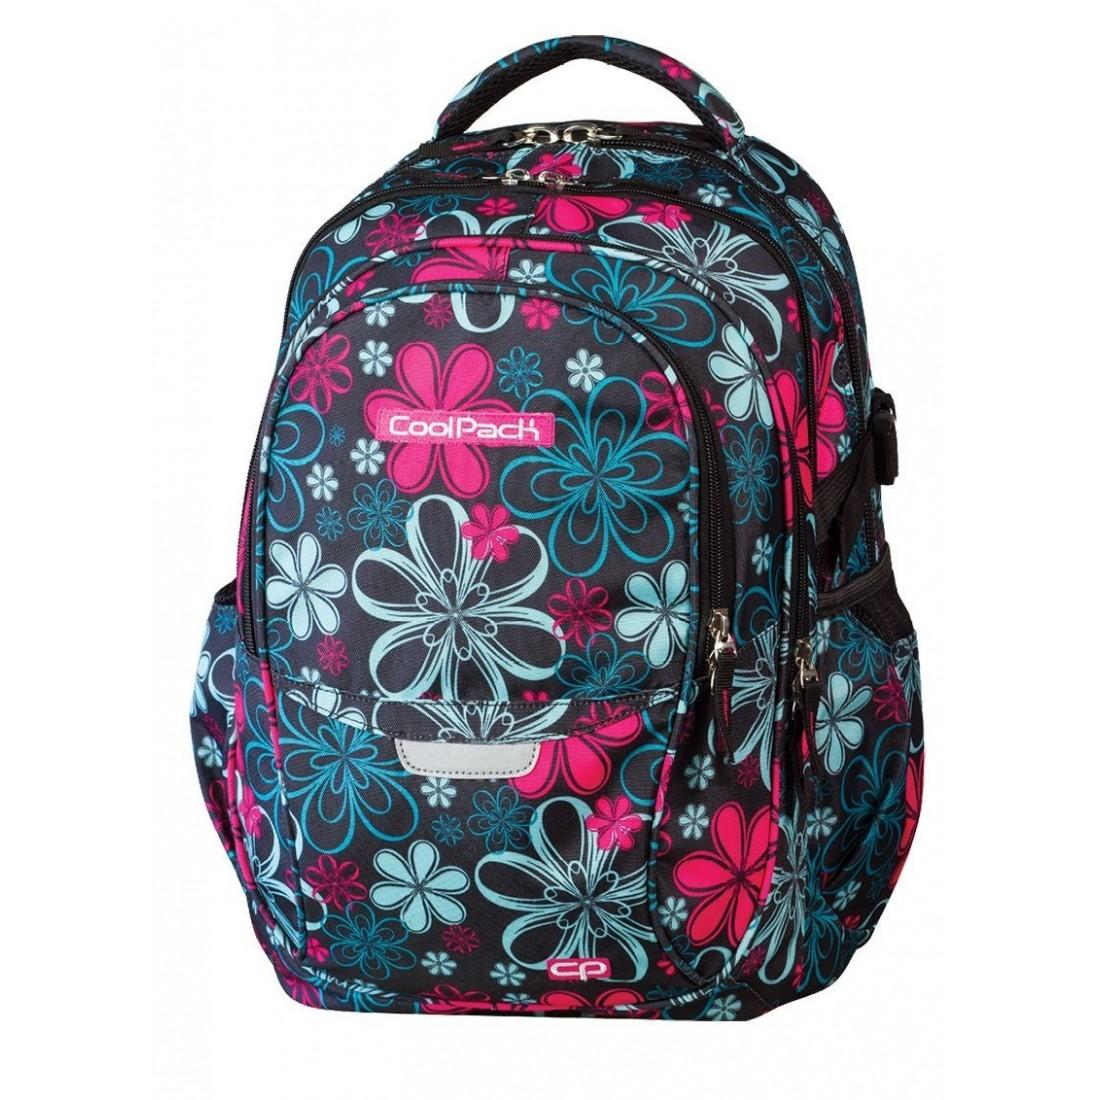 Plecak młodzieżowy CoolPack CP czarny w kwiaty - 4 przegrody FACTOR FLOWERS 439 - plecak-tornister.pl